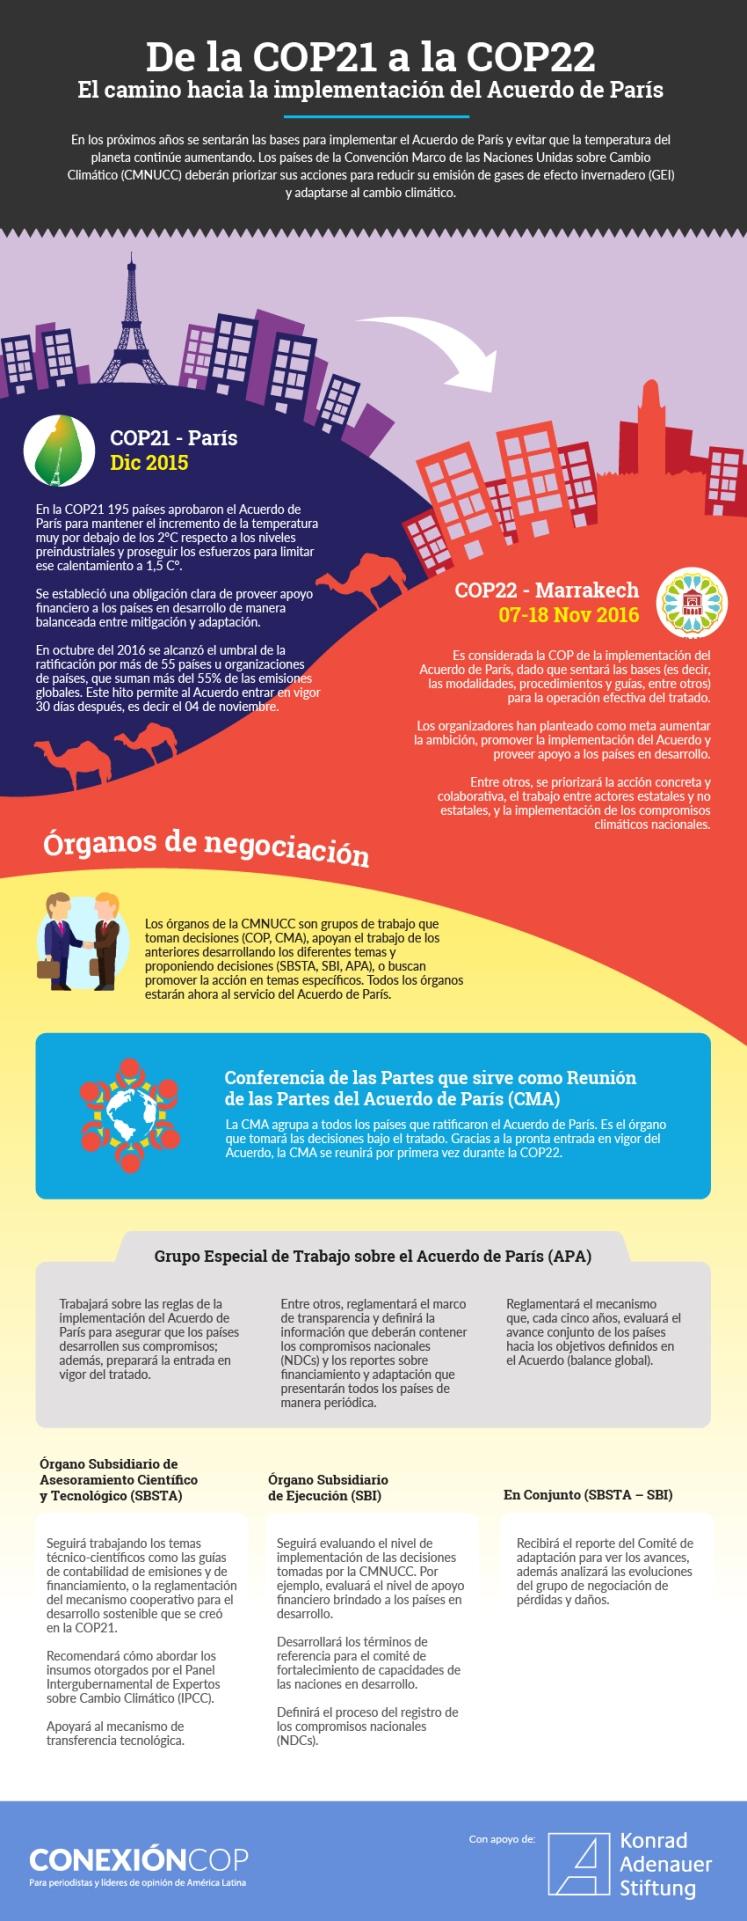 camino-implementacion_acuerdo_paris_cop21_cop22_infografia